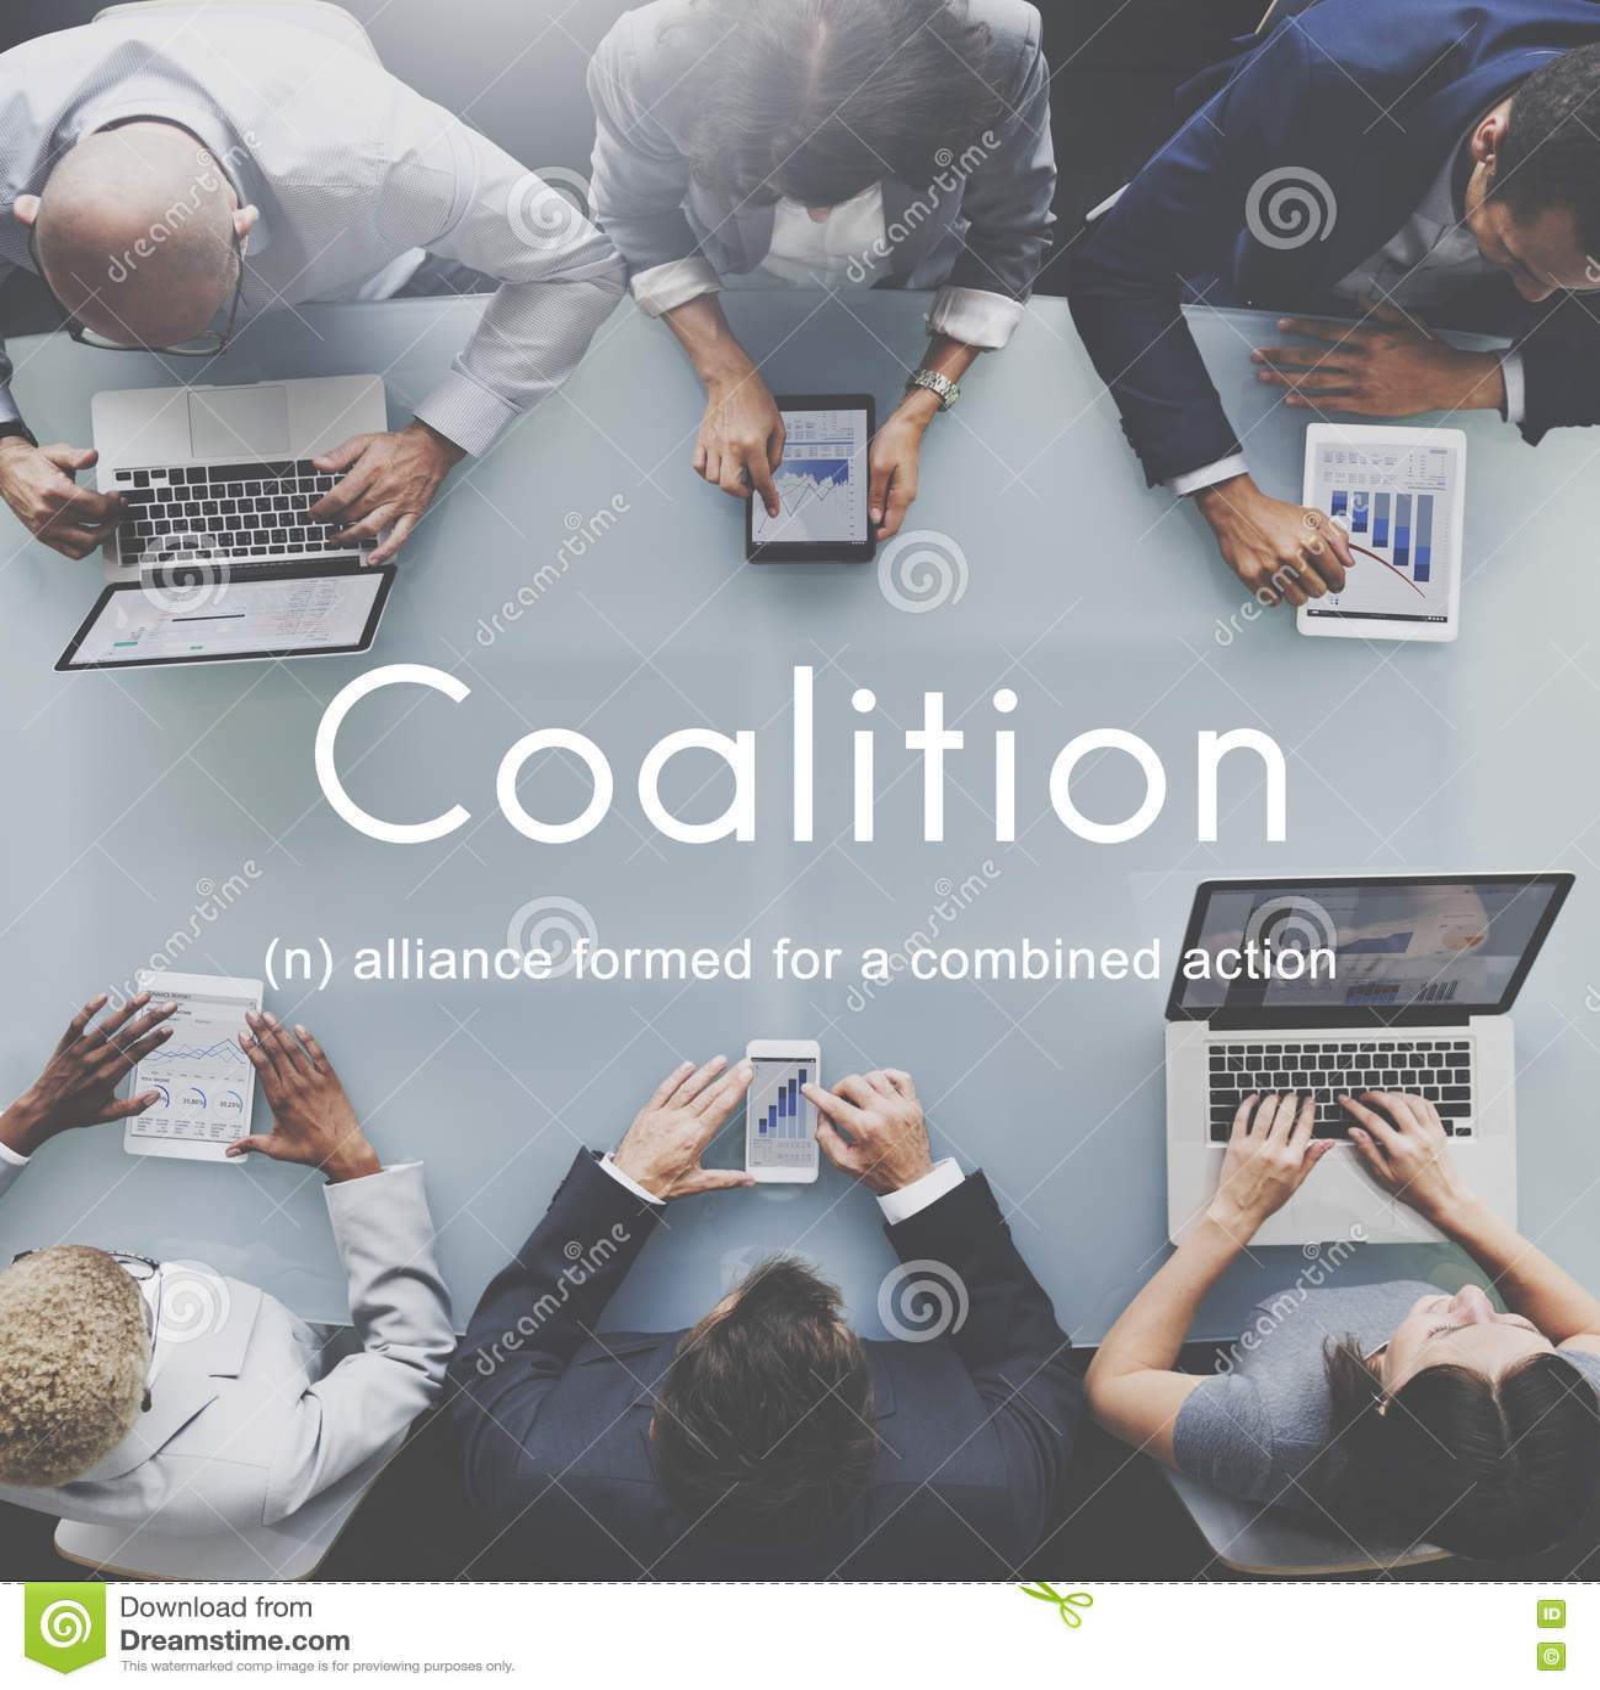 Collectief de Unie van Alliance van de coalitievereniging Concept